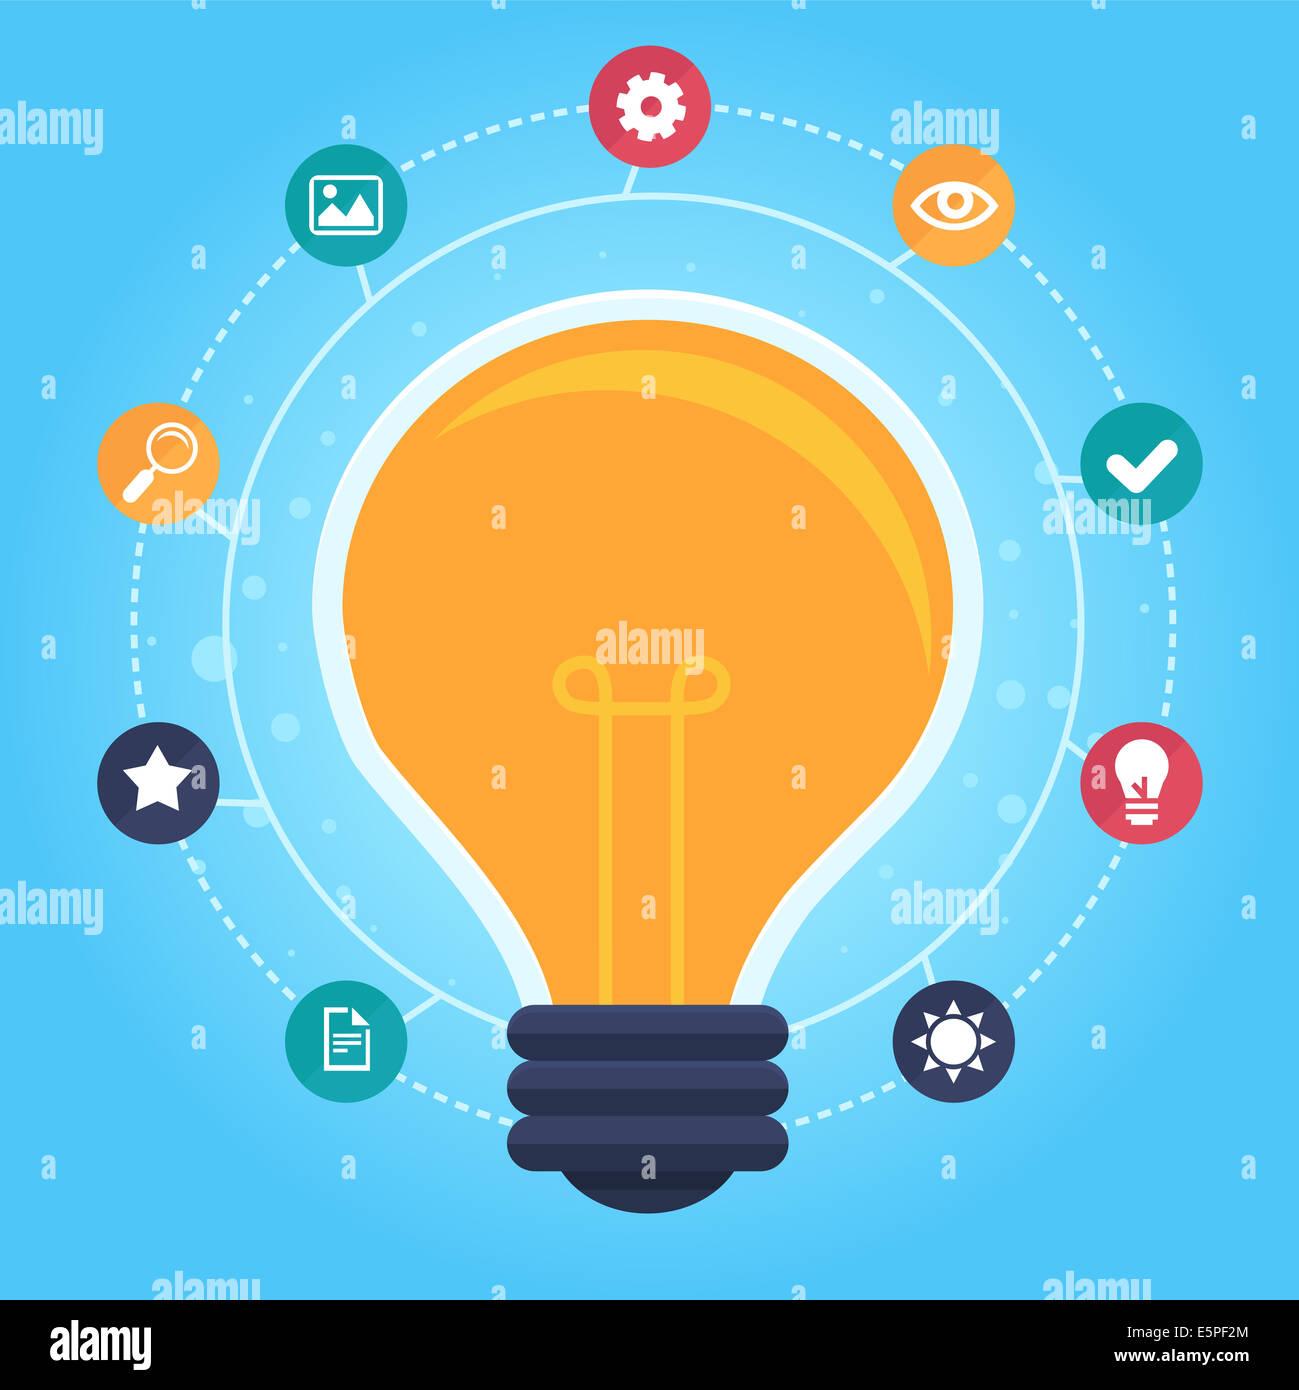 La idea creativa de infografía - elementos de diseño en estilo plano - proceso de diseño gráfico Imagen De Stock